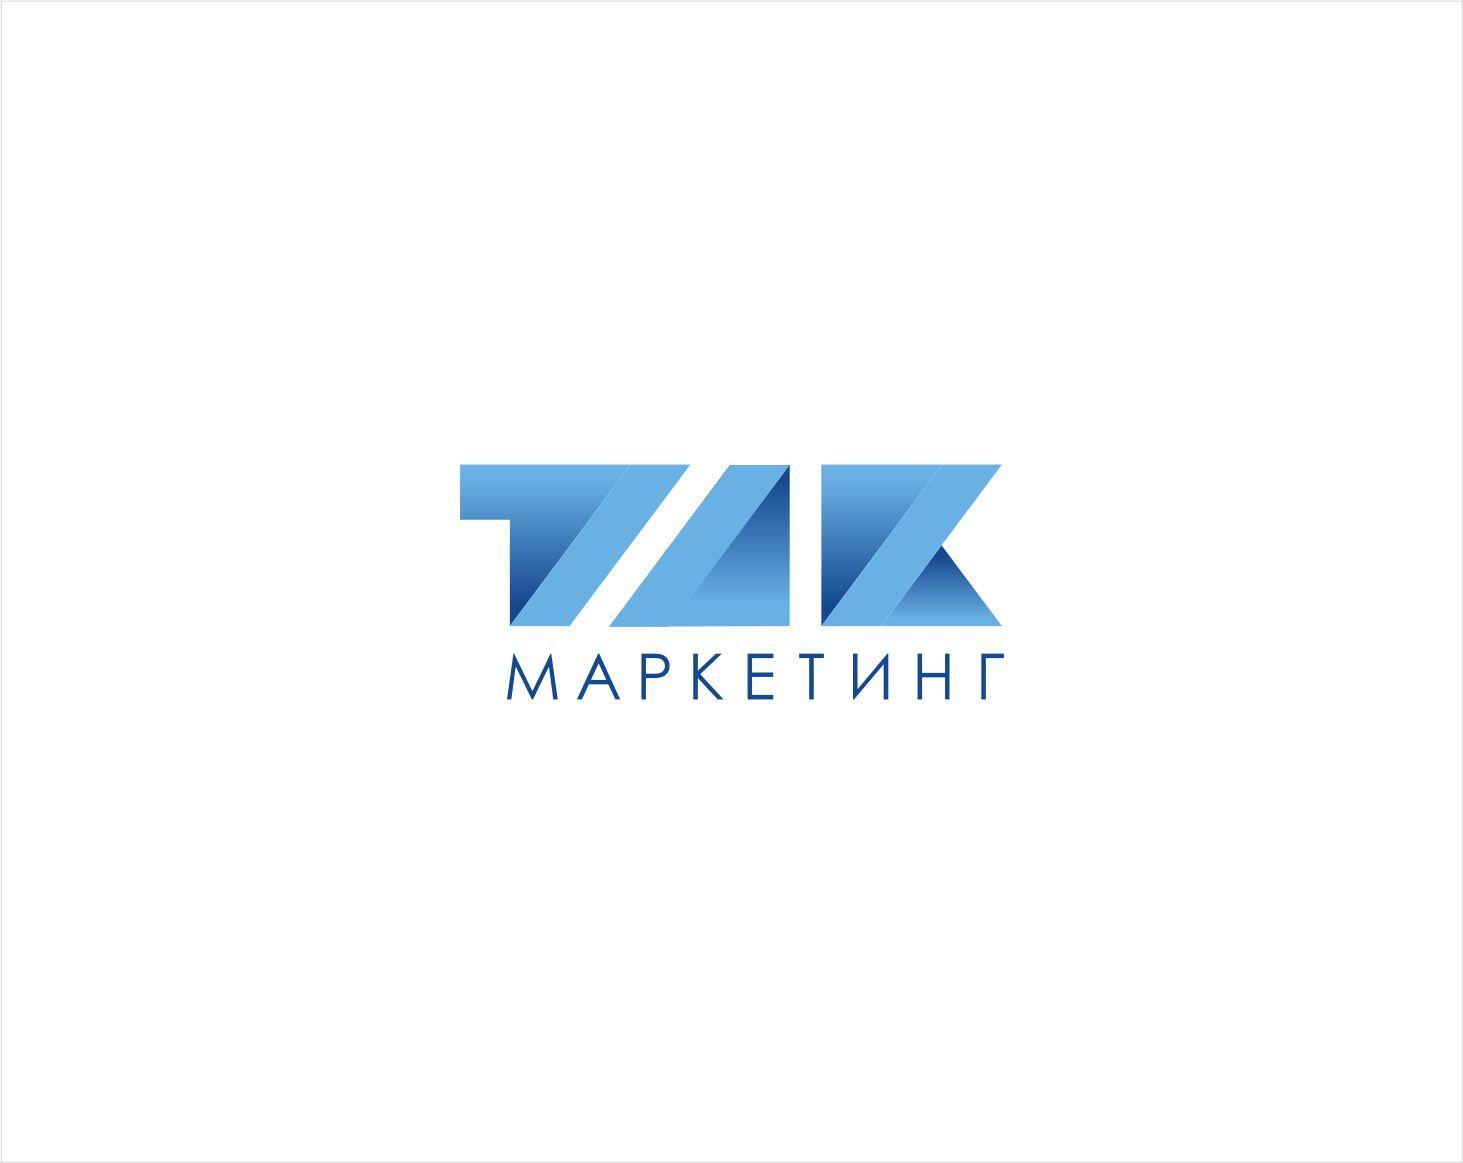 Лого и фирменный стиль для ТДК Маркетинг - дизайнер georgian